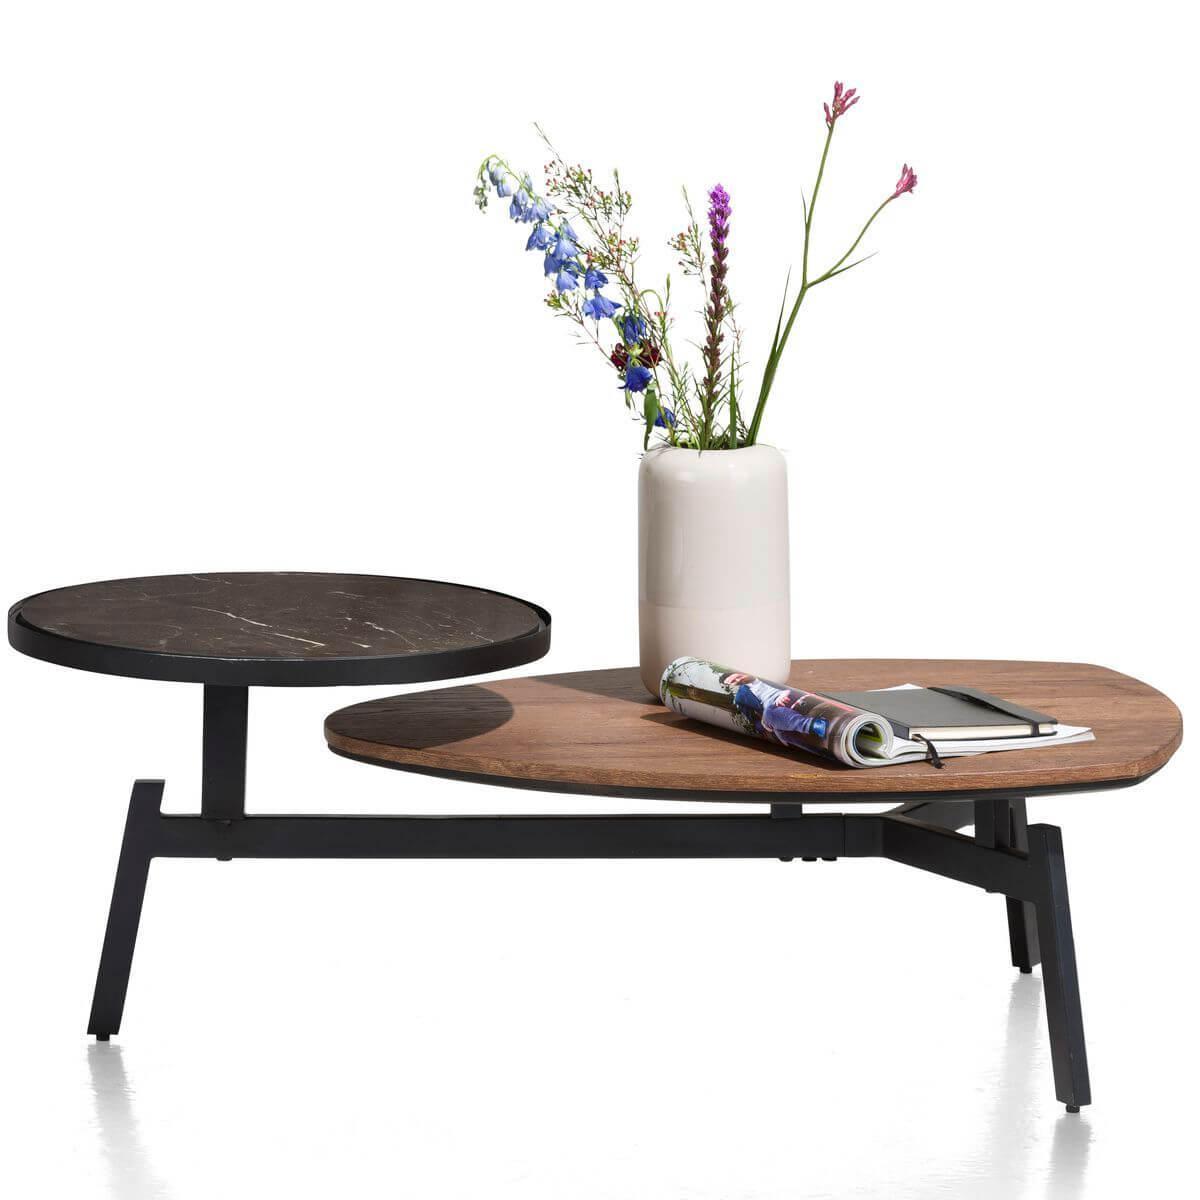 Table basse 65x125cm HALMSTAD Xooon